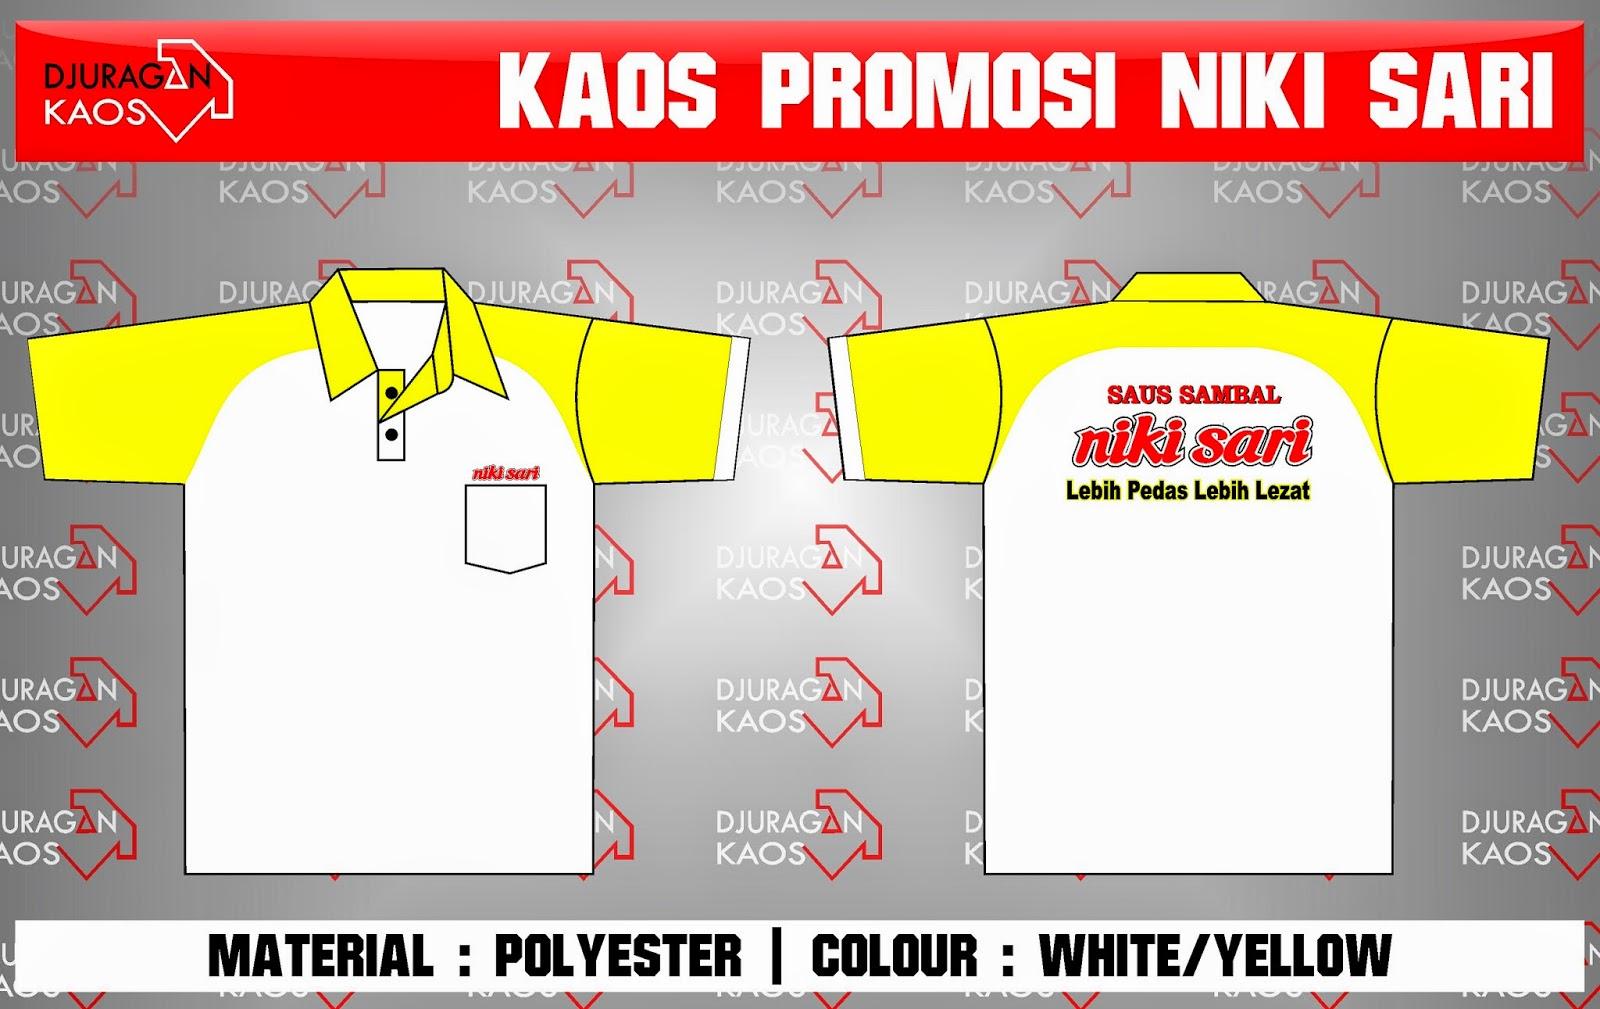 Accecories Design Kaos Promosi Saus Sambal Niki Sari